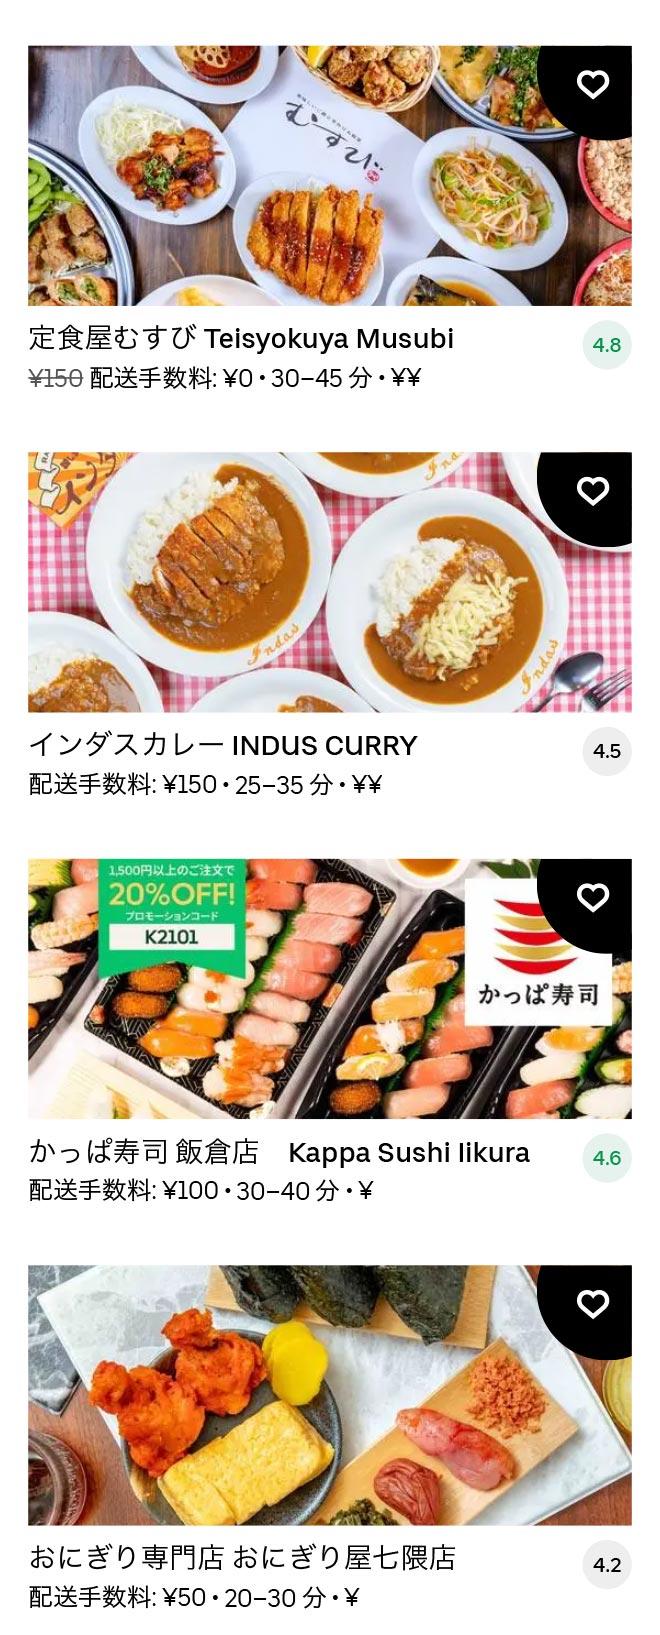 Nanakuma menu 2101 08